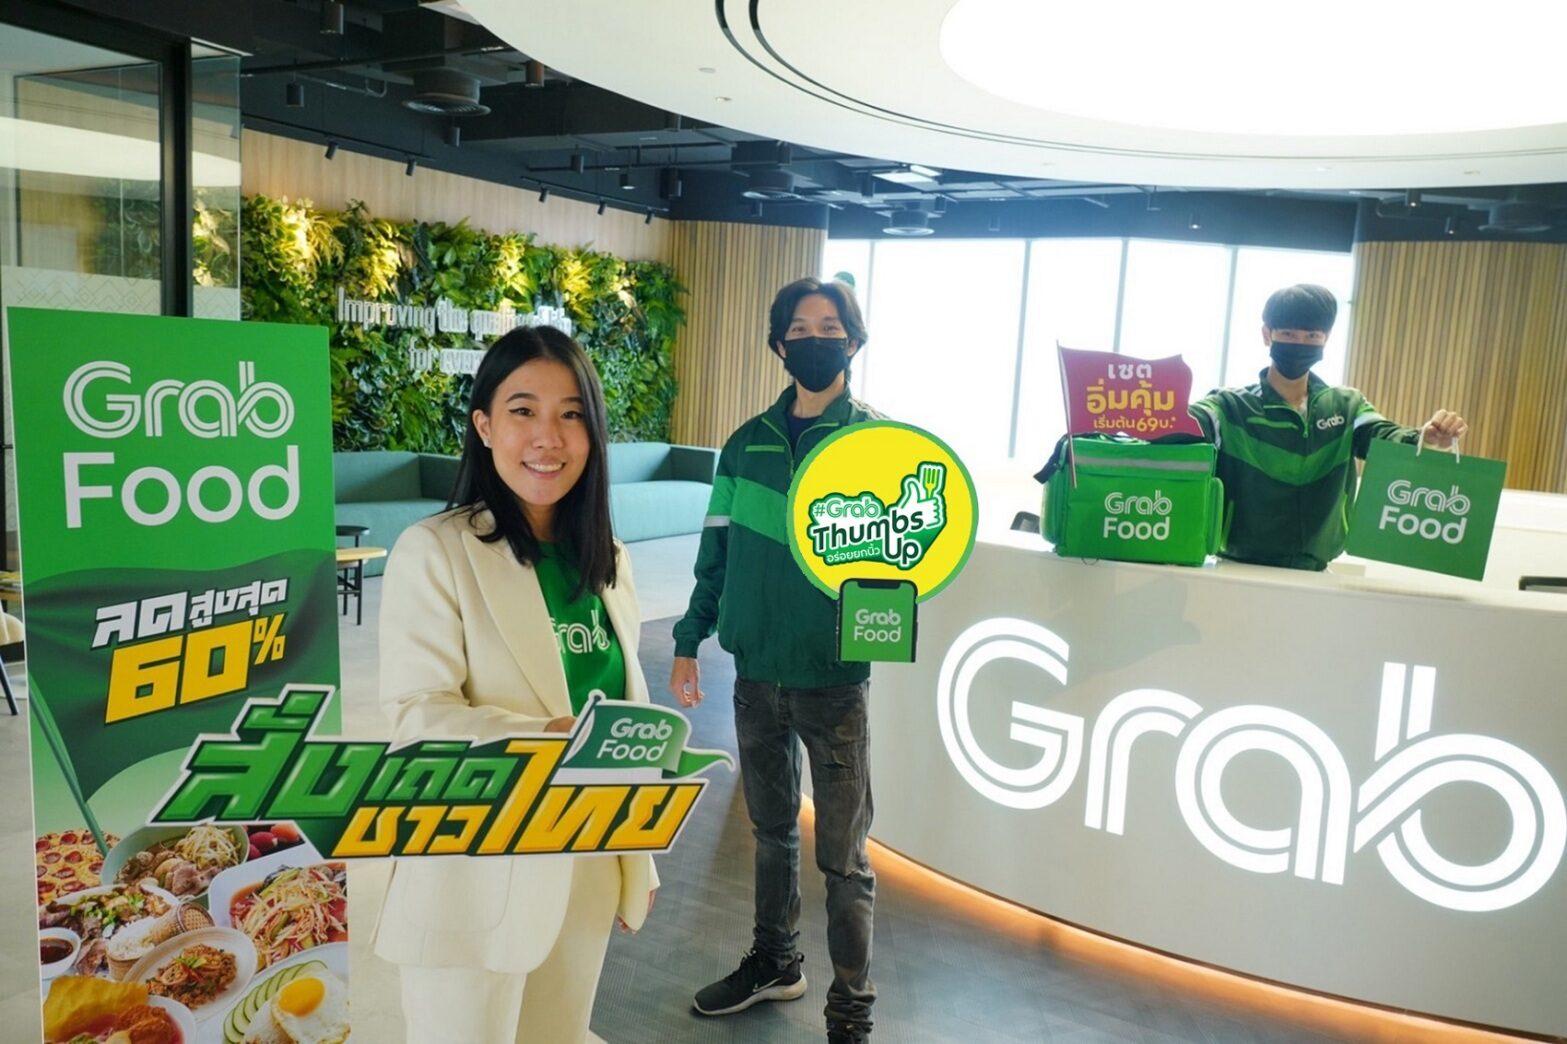 """แกร็บฟู้ด ส่งแคมเปญ """"สั่งเถิดชาวไทย"""" ดันยอดQ 4 พ่วง """"คนละครึ่ง"""" กระตุ้นศก.จ-อัดสิทธิประโยชน์ให้ร้านอาหาร"""